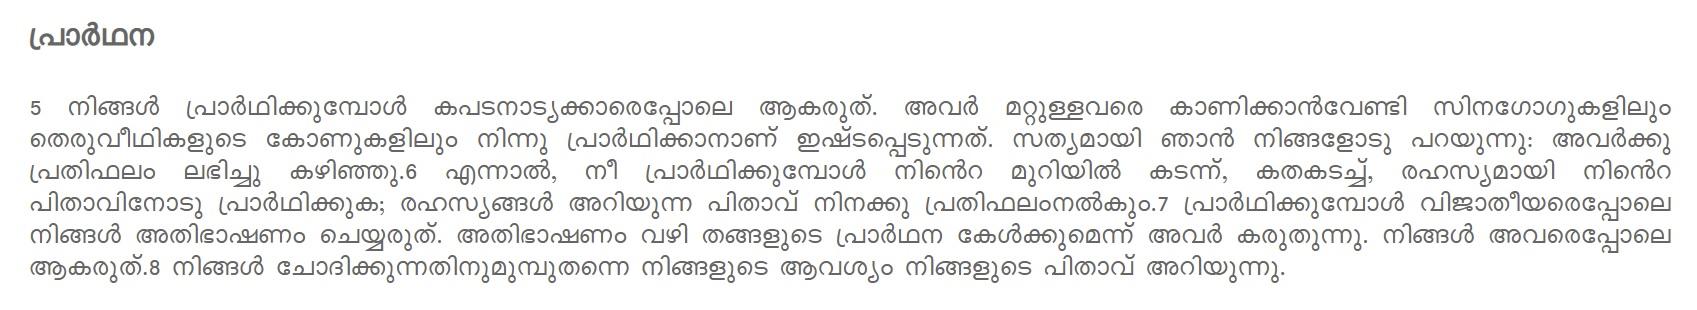 Matthew 6, 5-8 POC Malayalam